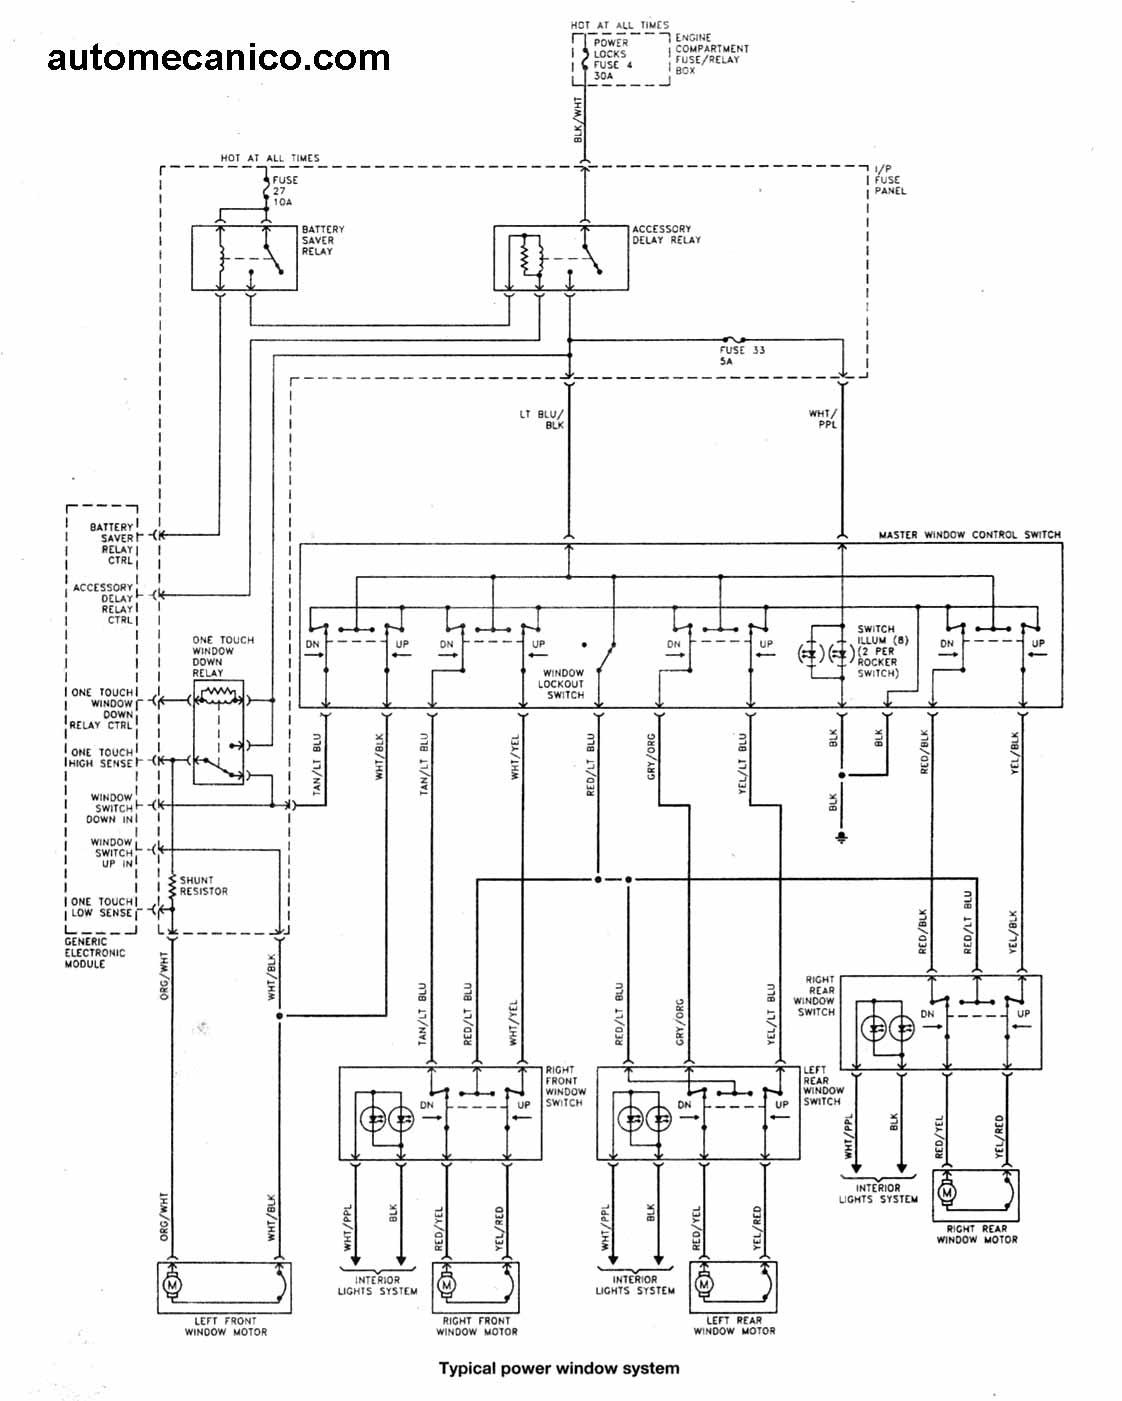 Diagramas Electricos Automotrices Gratis